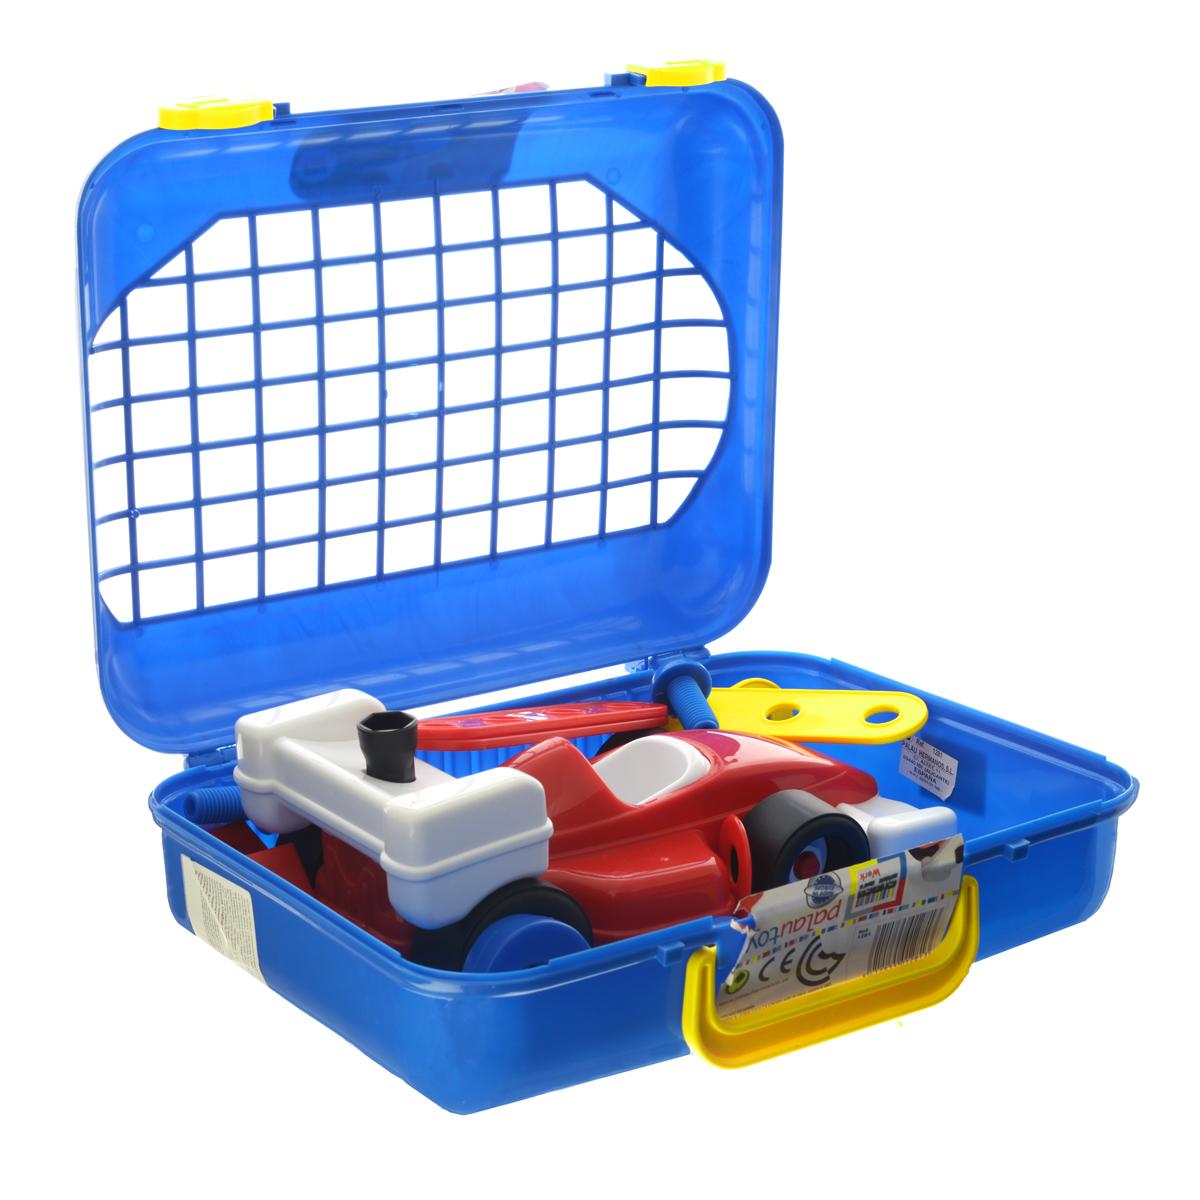 Palau Toys Игровой набор Super Work, 27 предметов. 07/128107/1281Игровой набор Palau Toys Super Work обязательно привлечет внимание вашего малыша. Набор выполнен из яркого пластика и включает в себя планки с отверстиями (2 коротких, 2 длинных), 2 угловых элемента, 4 гайки, 4 болта, отвертку и гаечный ключ, а также 10 элементов, из которых ребенок вручную сможет собрать автомобиль. Колесики машинки вращаются. Все элементы набора имеют увеличенные размеры. Малыш сможет легко собирать и разбирать свои поделки, соединяя шурупы с планками. Набор можно брать с собой на прогулку, ведь все инструменты аккуратно размещены в небольшом, но вместительном чемоданчике с удобной ручкой для переноски. С таким набором ваш ребенок весело проведет время, играя на детской площадке или в песочнице. Процесс сборки игрушки-конструктора поможет малышу развить мелкую моторику пальчиков, внимательность и усидчивость. Порадуйте своего малыша таким чудесным подарком!